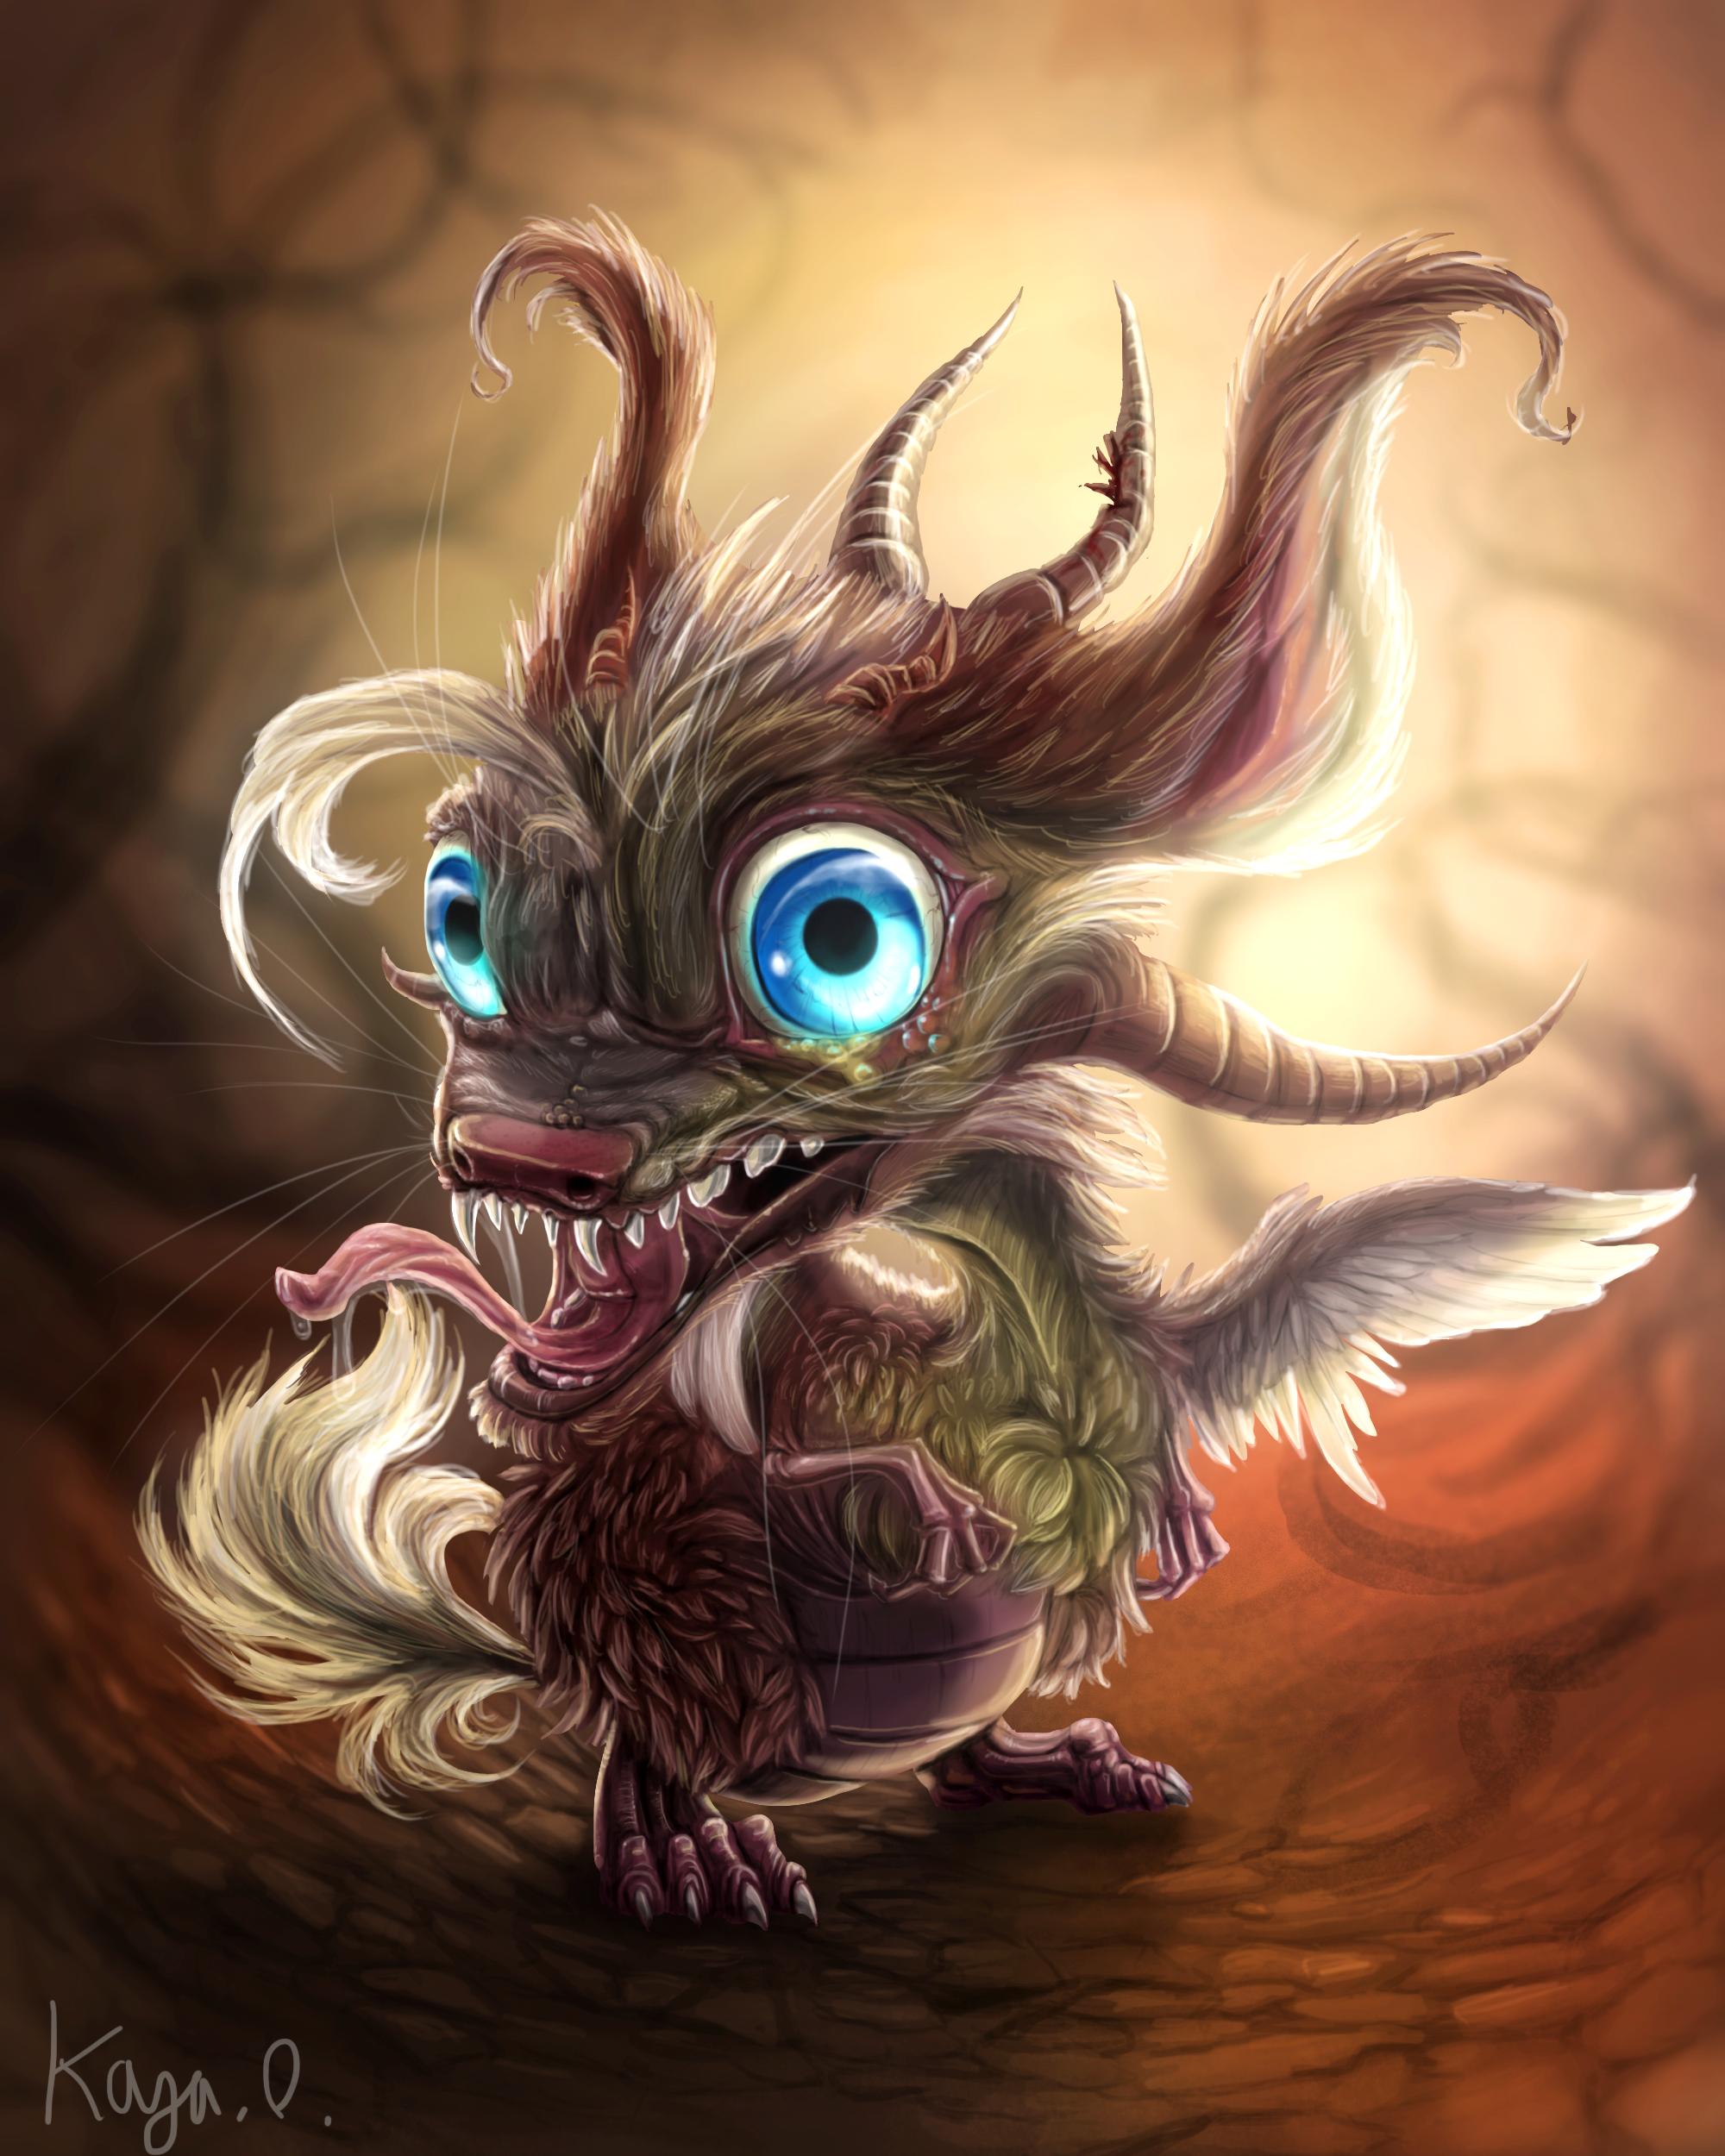 Fuzzy dragon.